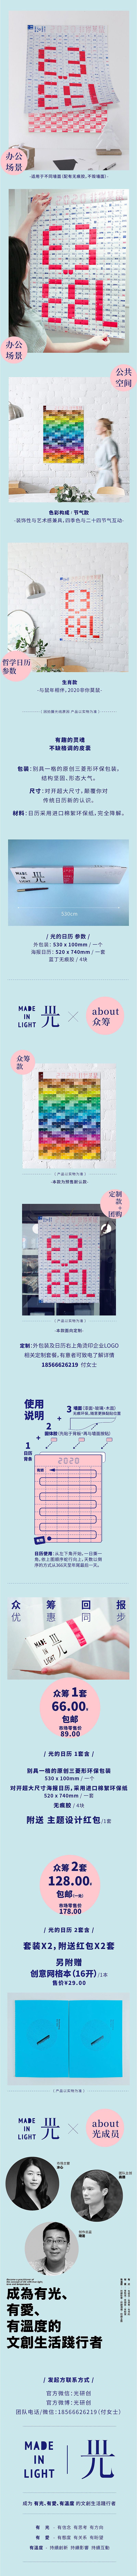 光的日历 宣传长图 供摩点众筹宣发 2.jpg